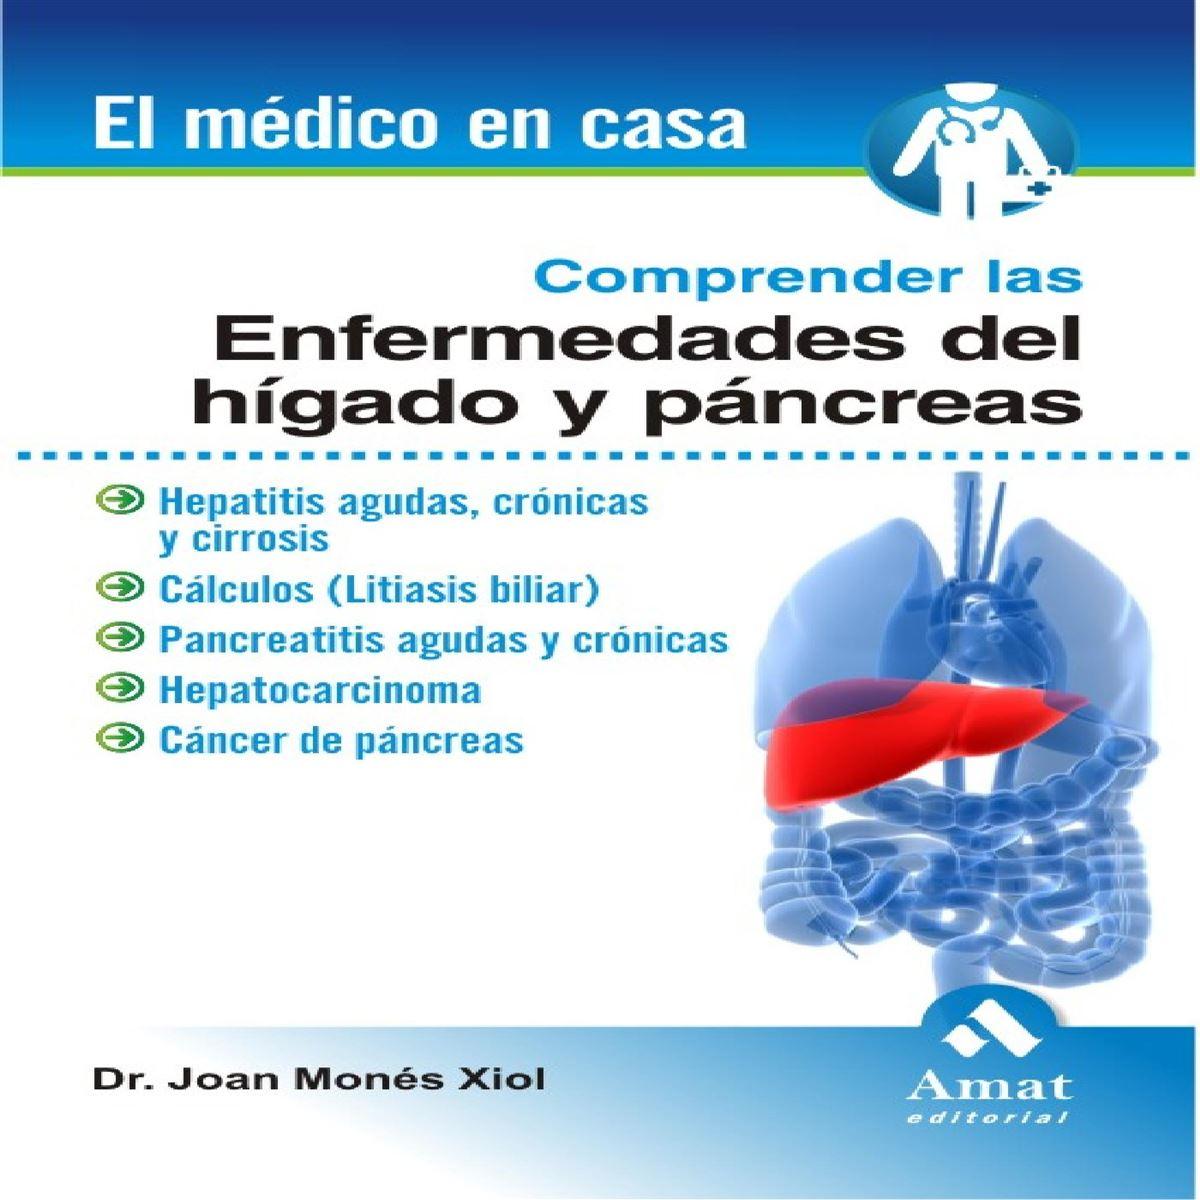 Comprender las enfermedades del hígado y páncreas